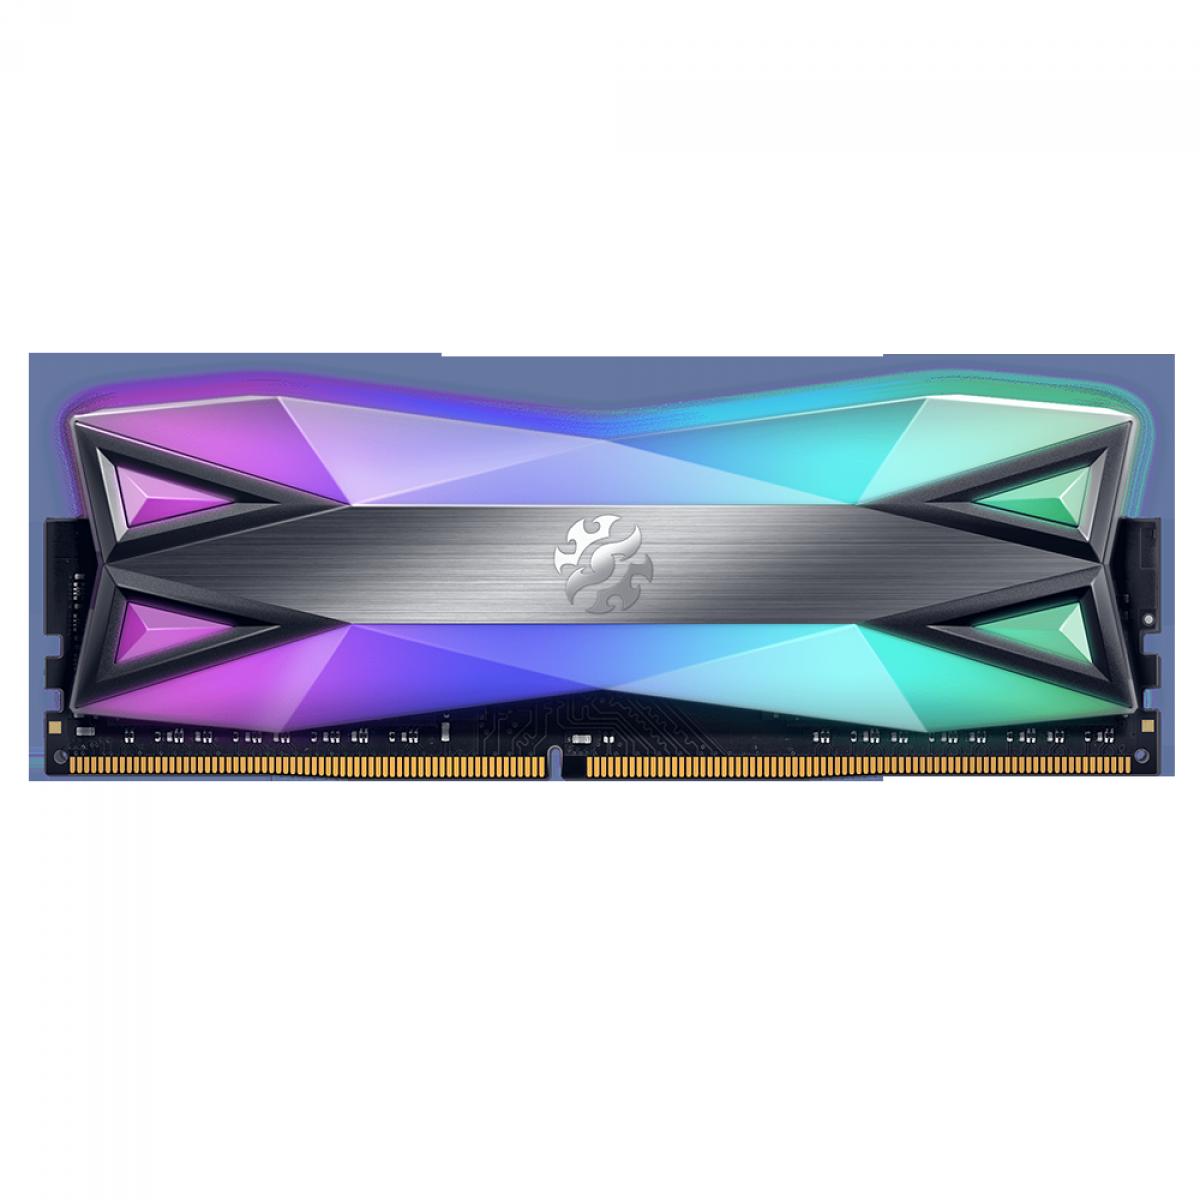 Memória DDR4 XPG Spectrix D60G, 16GB, 3000Mhz, CL16, RGB, Gray, AX4U3000716G16A-ST60